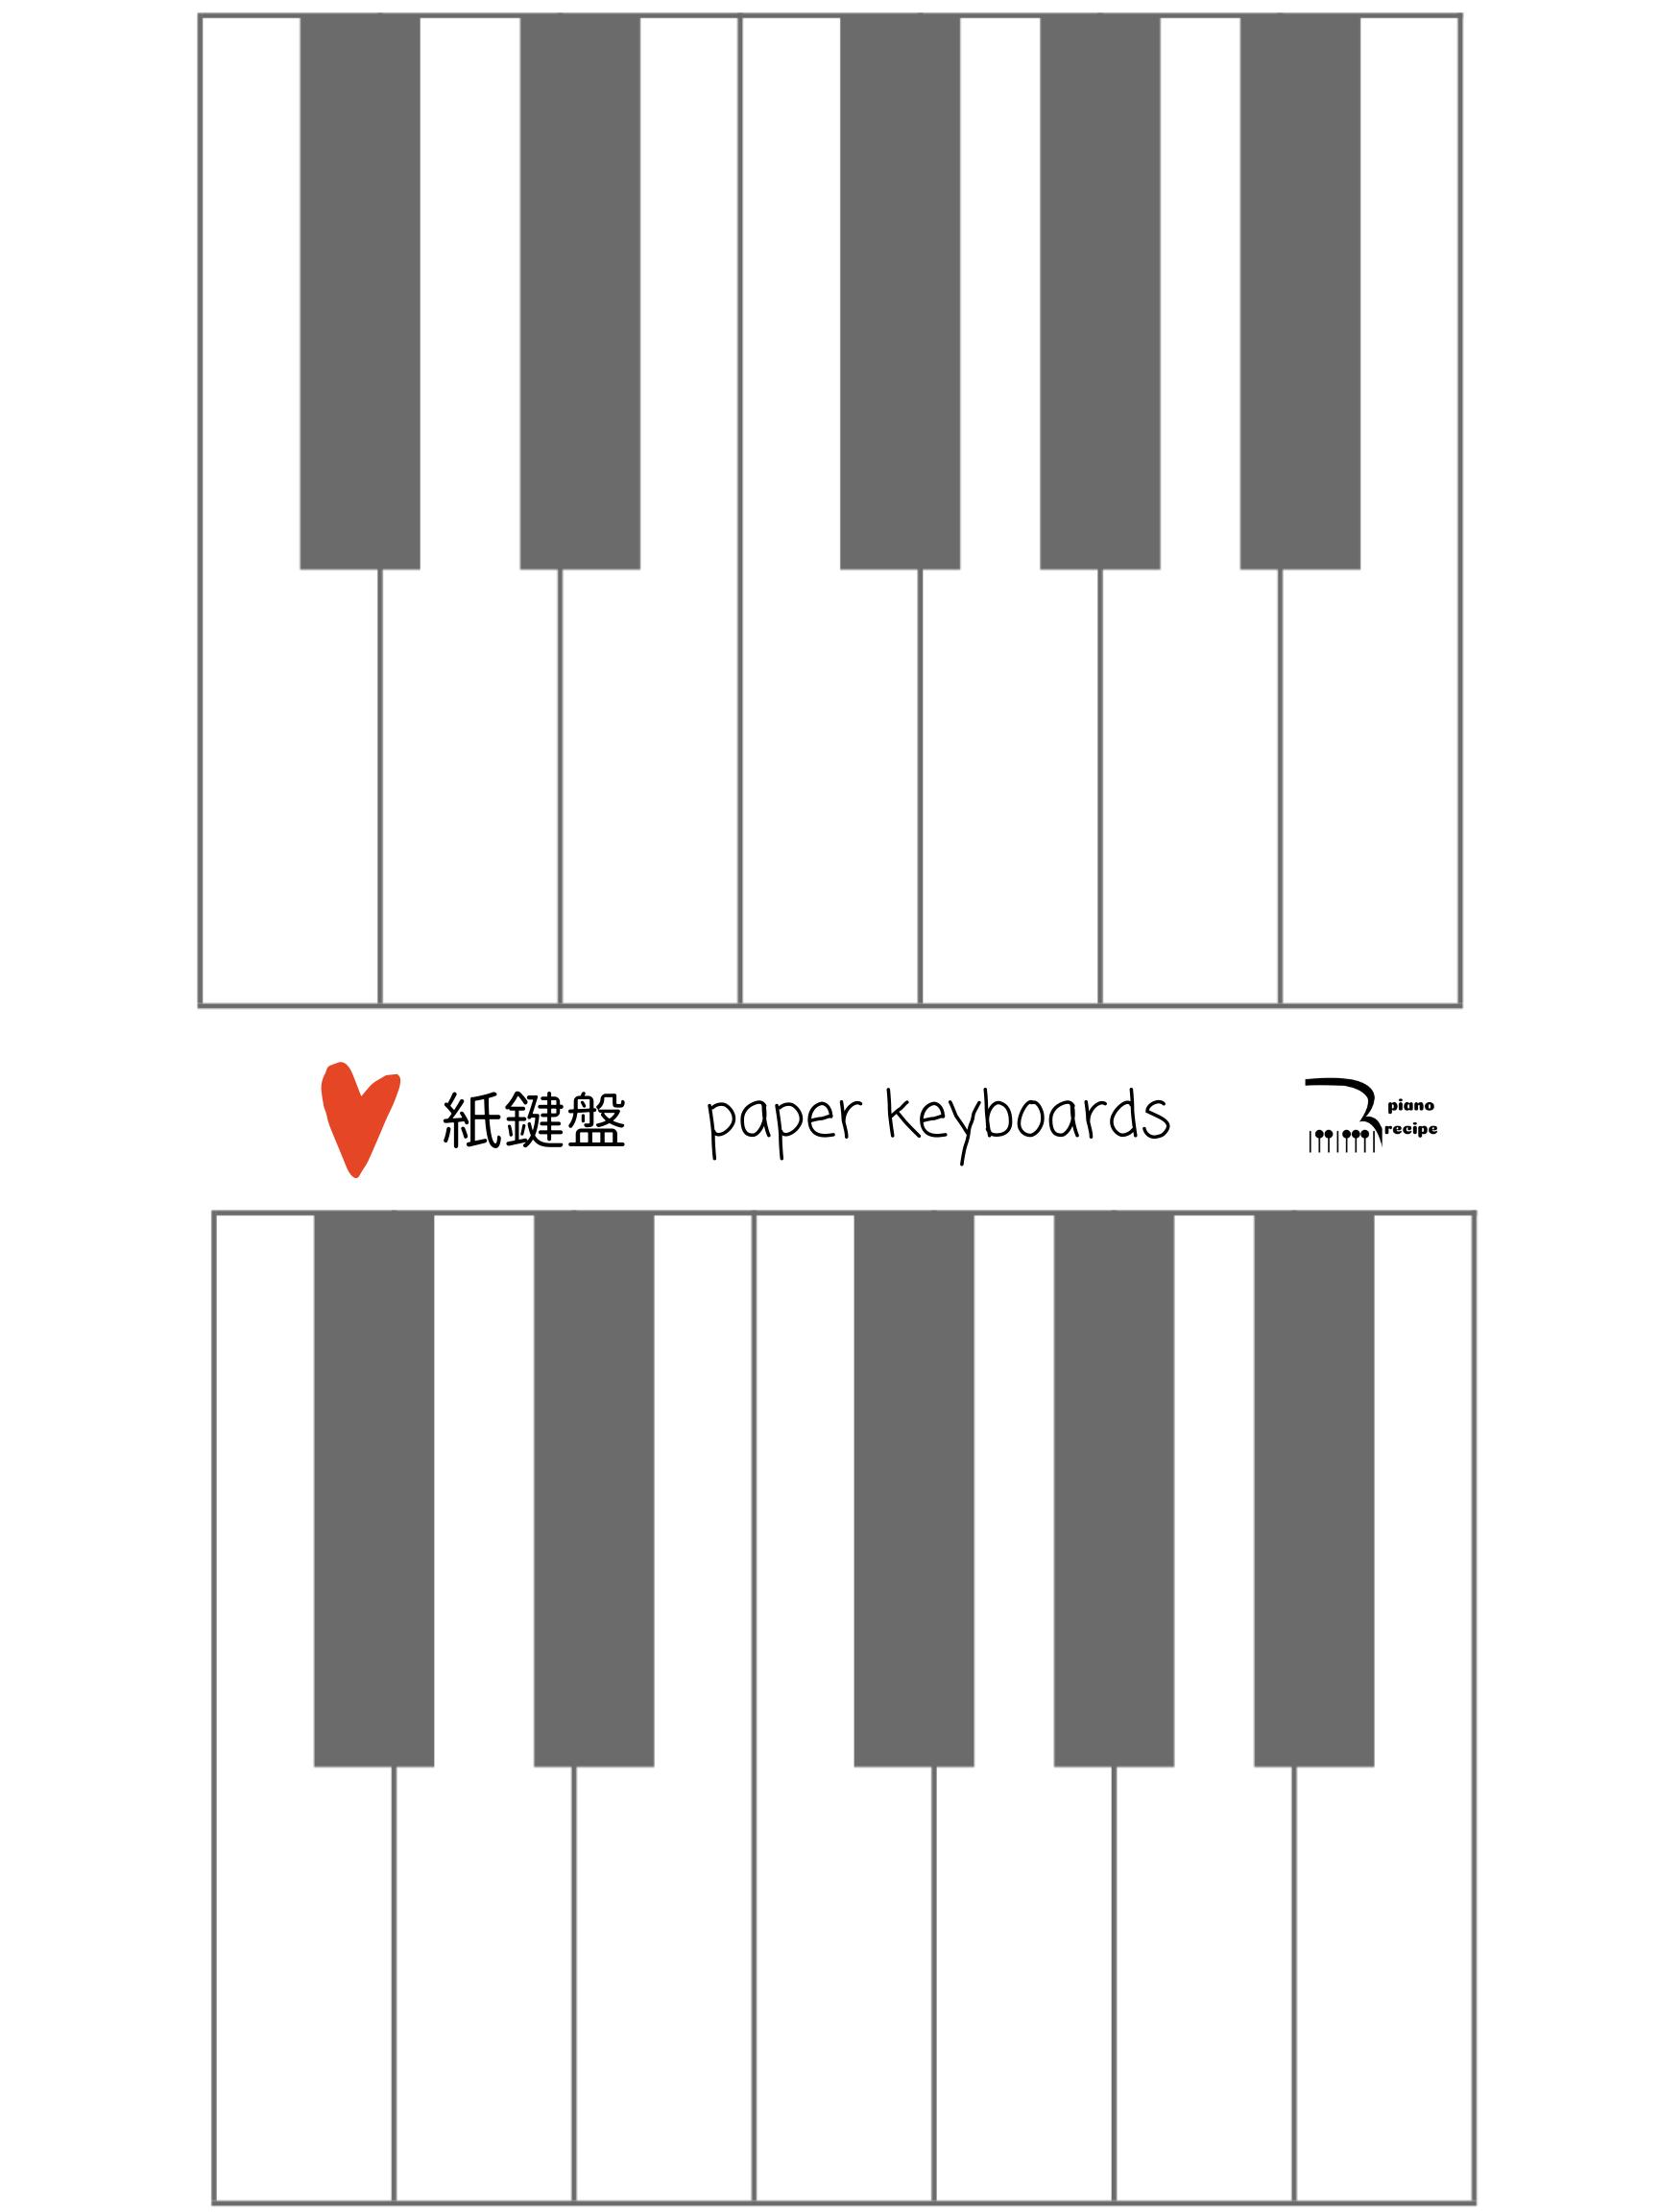 ピアノレシピ 紙鍵盤3